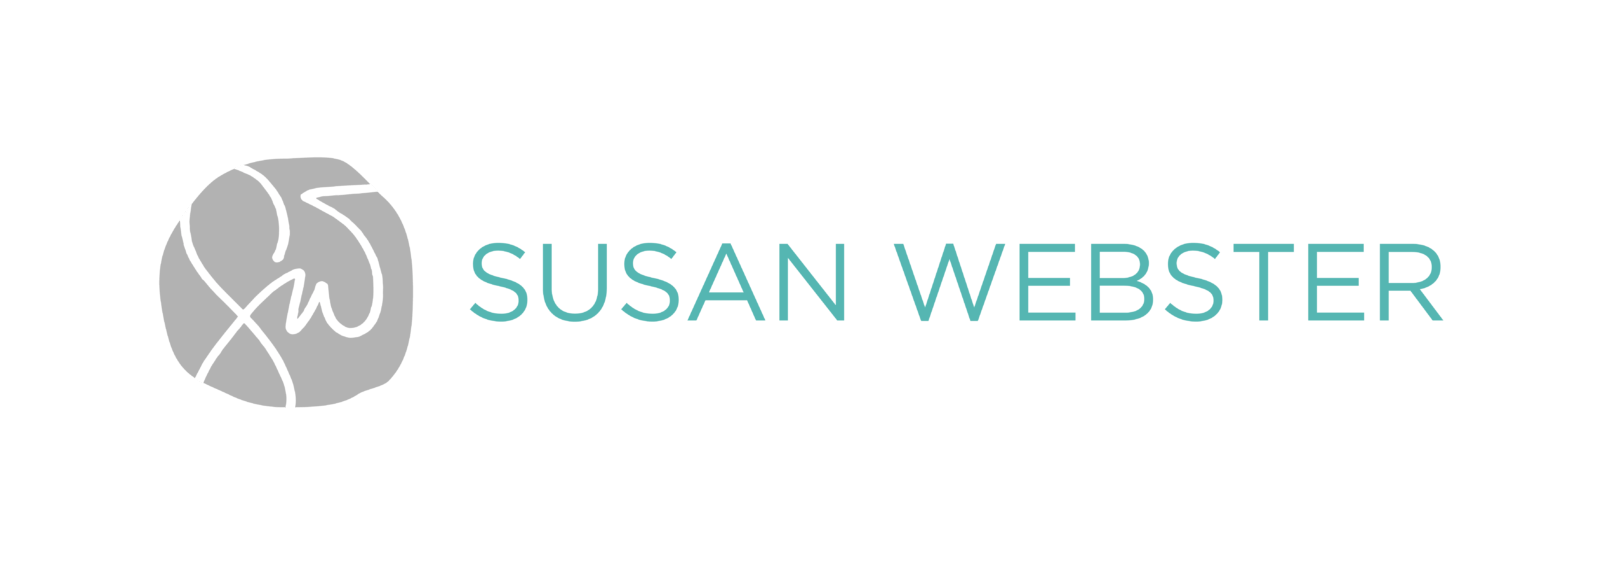 Susan Webster